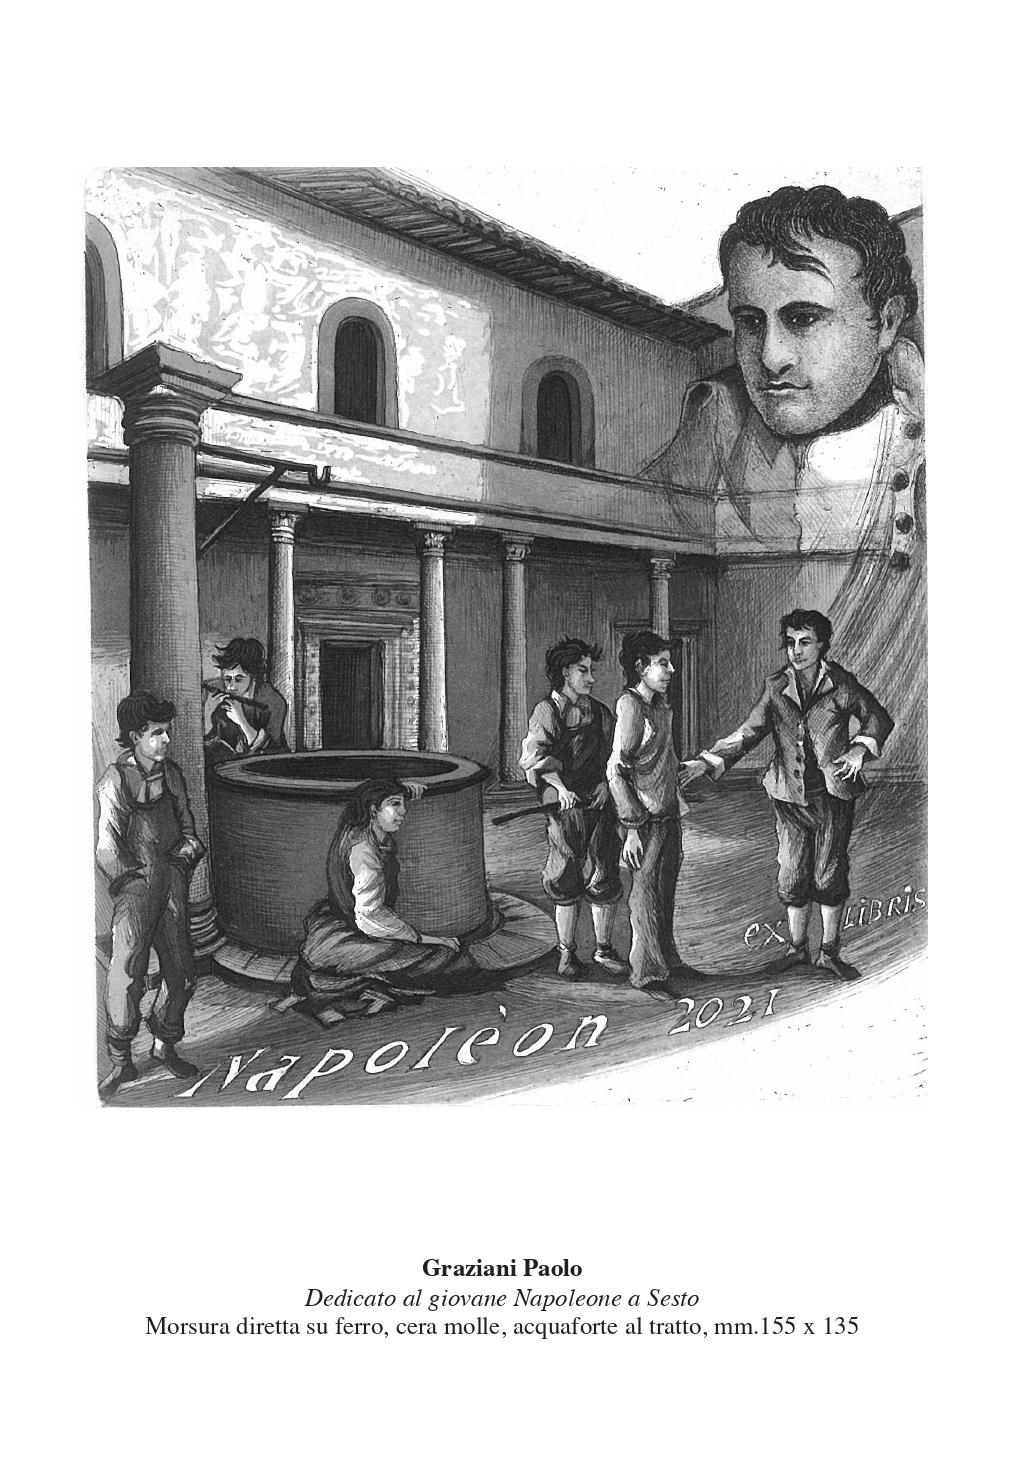 Graziani Paolo